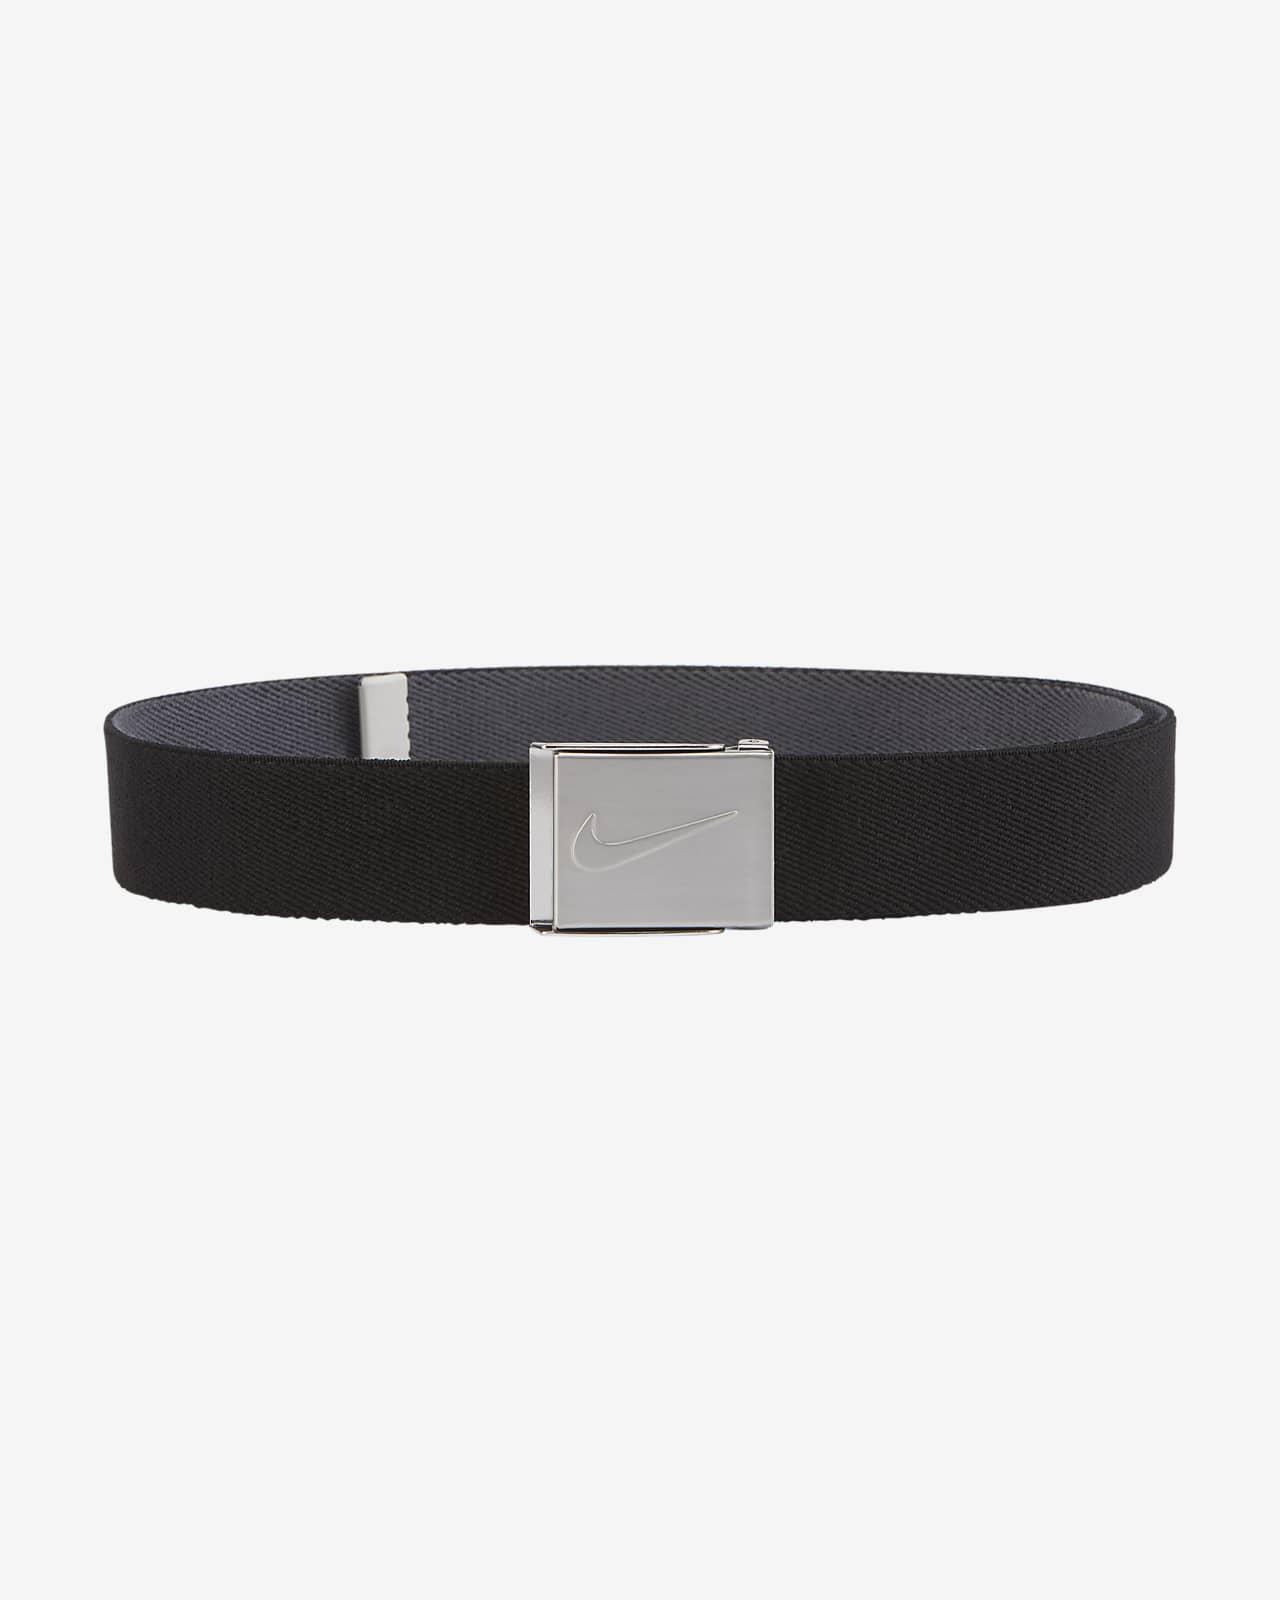 Cinturón de golf de tela elástica reversible para hombre Nike